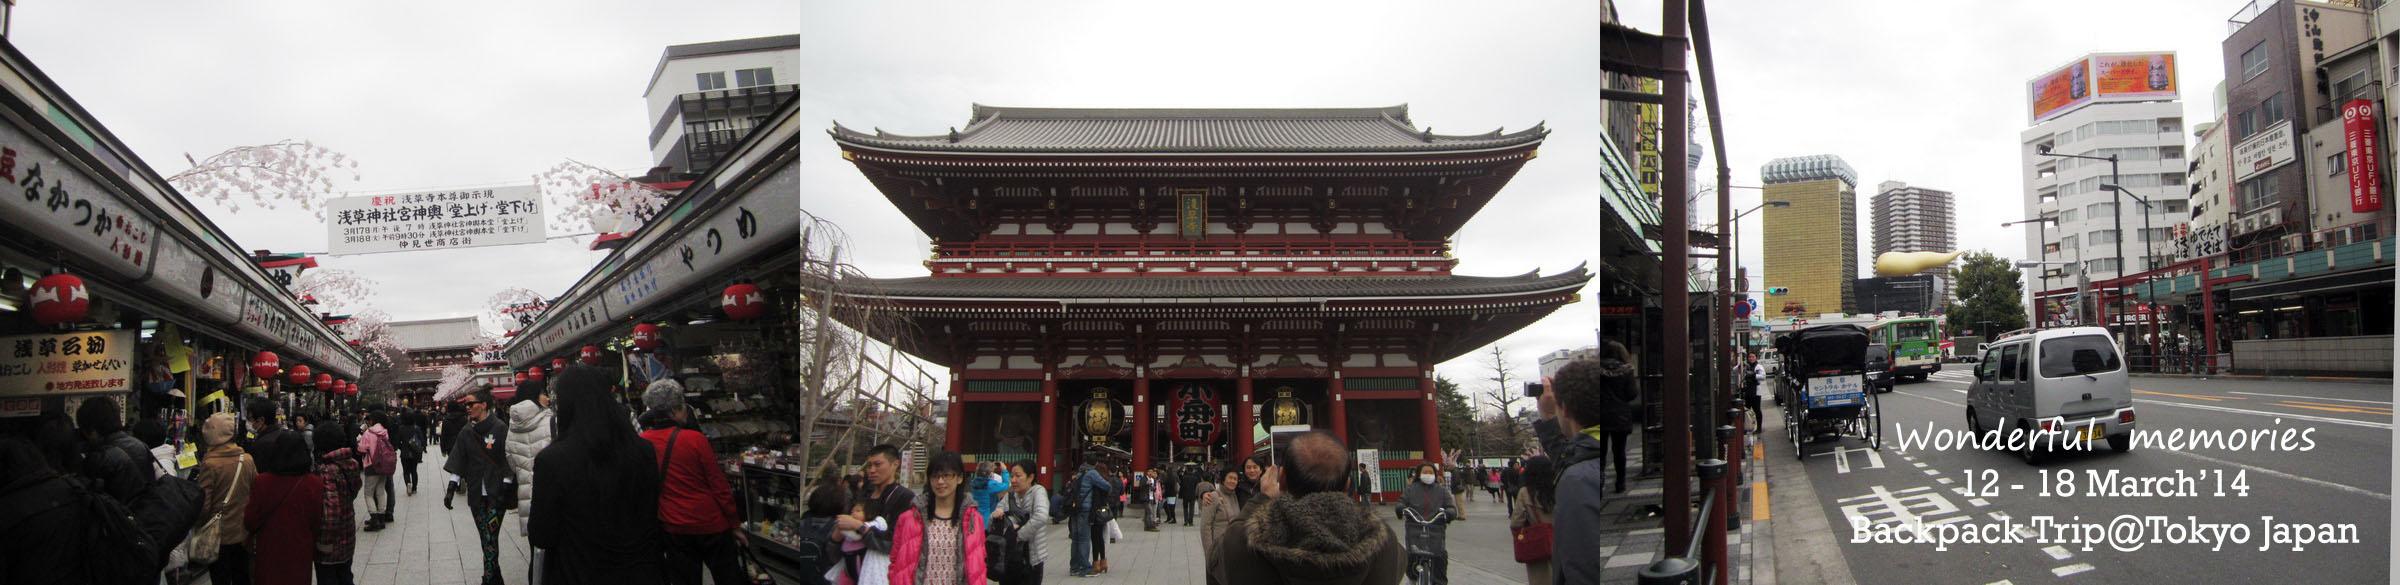 review backpack japan trip tokyo 6 ว น 5 ค น งบไม เก น 3 หม น